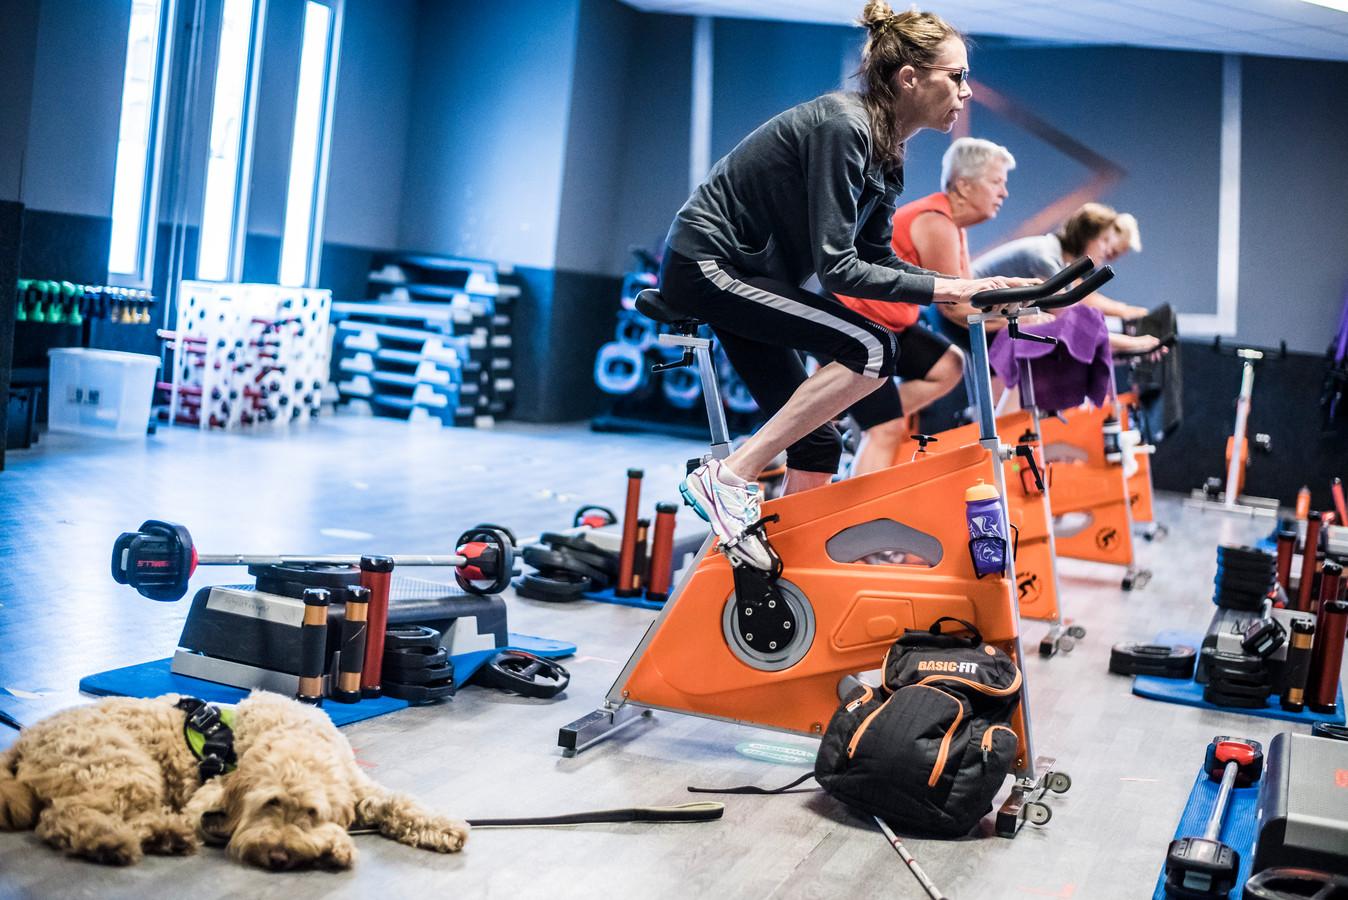 Anita Voortman is sinds tien jaar volledig blind, maar traint al jaren bij sportschool Basic Fit in Hengelo. Sinds kort doet ze ook aan spinning. Haar hulphond helpt haar naar de fiets.